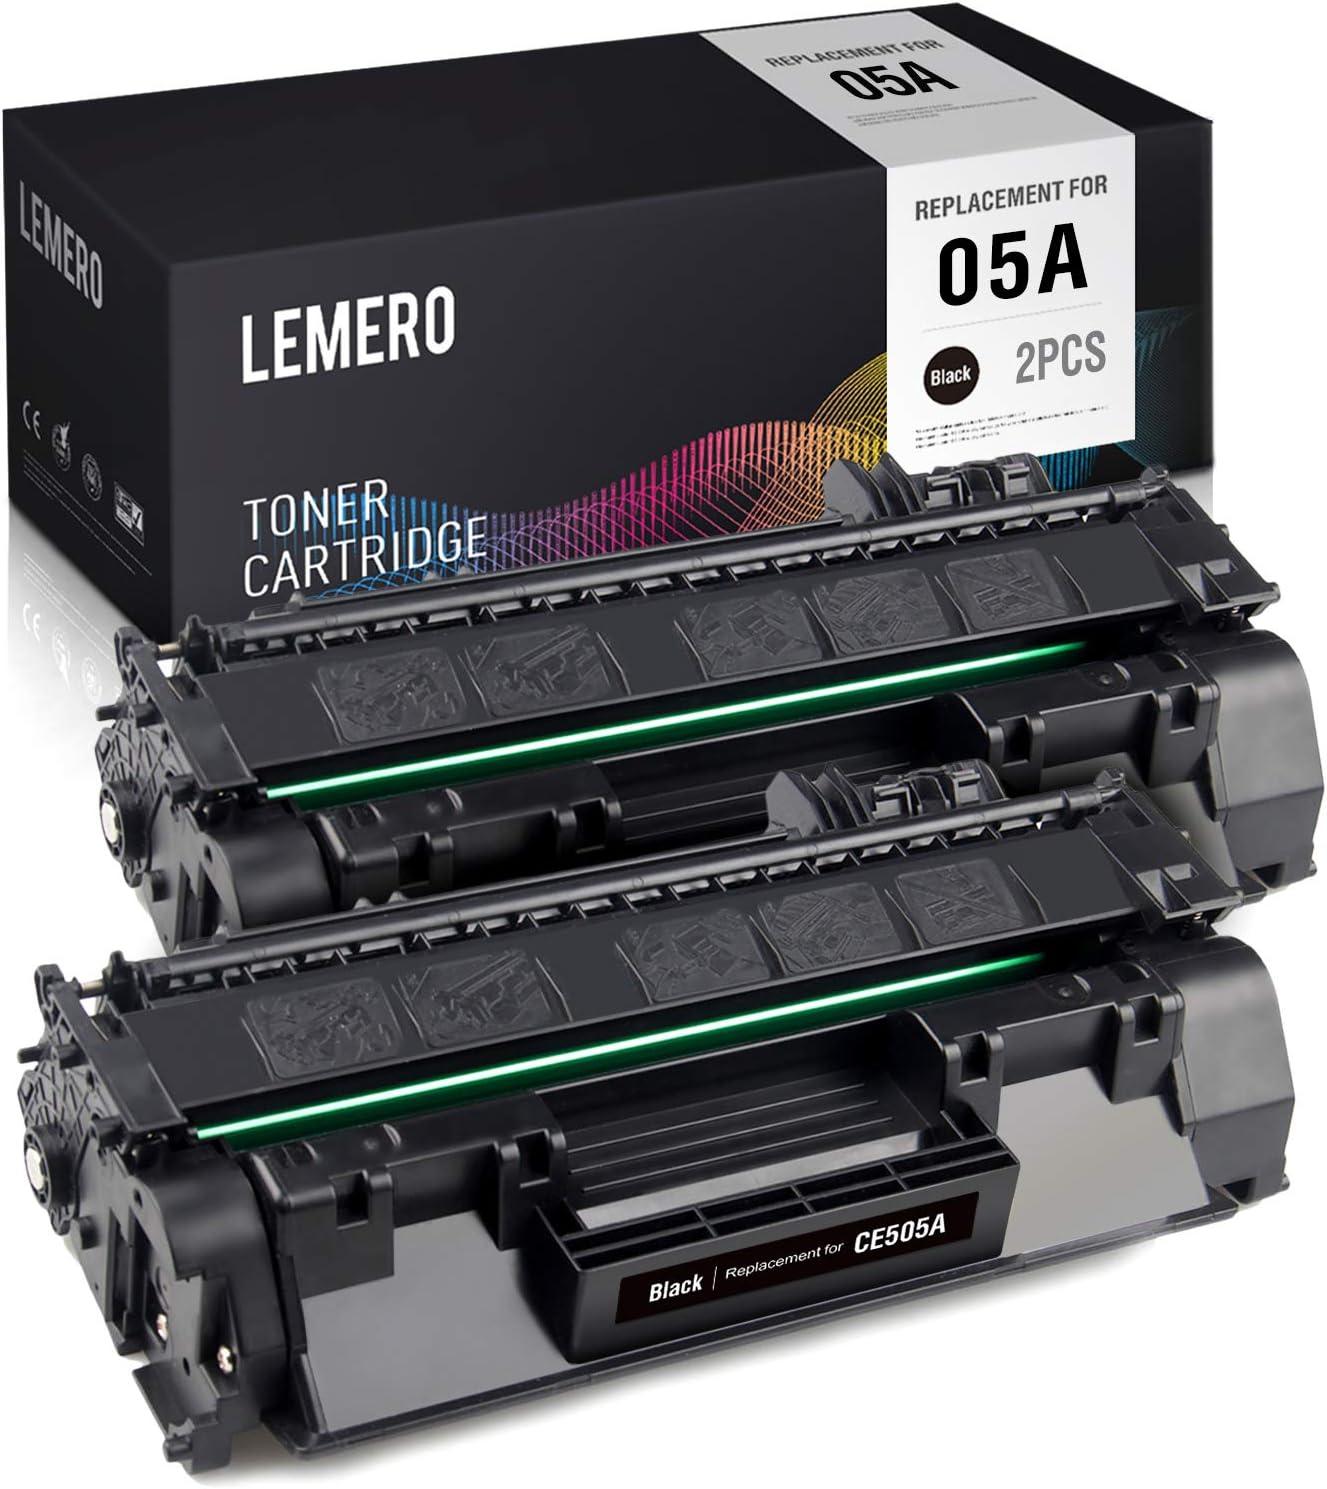 LEMERO Compatible Toner Cartridge Replacement for HP 05A CE505A to use with Laserjet P2055DN P2035 P2035N P2055D P2055X (Black, 2-Pack)